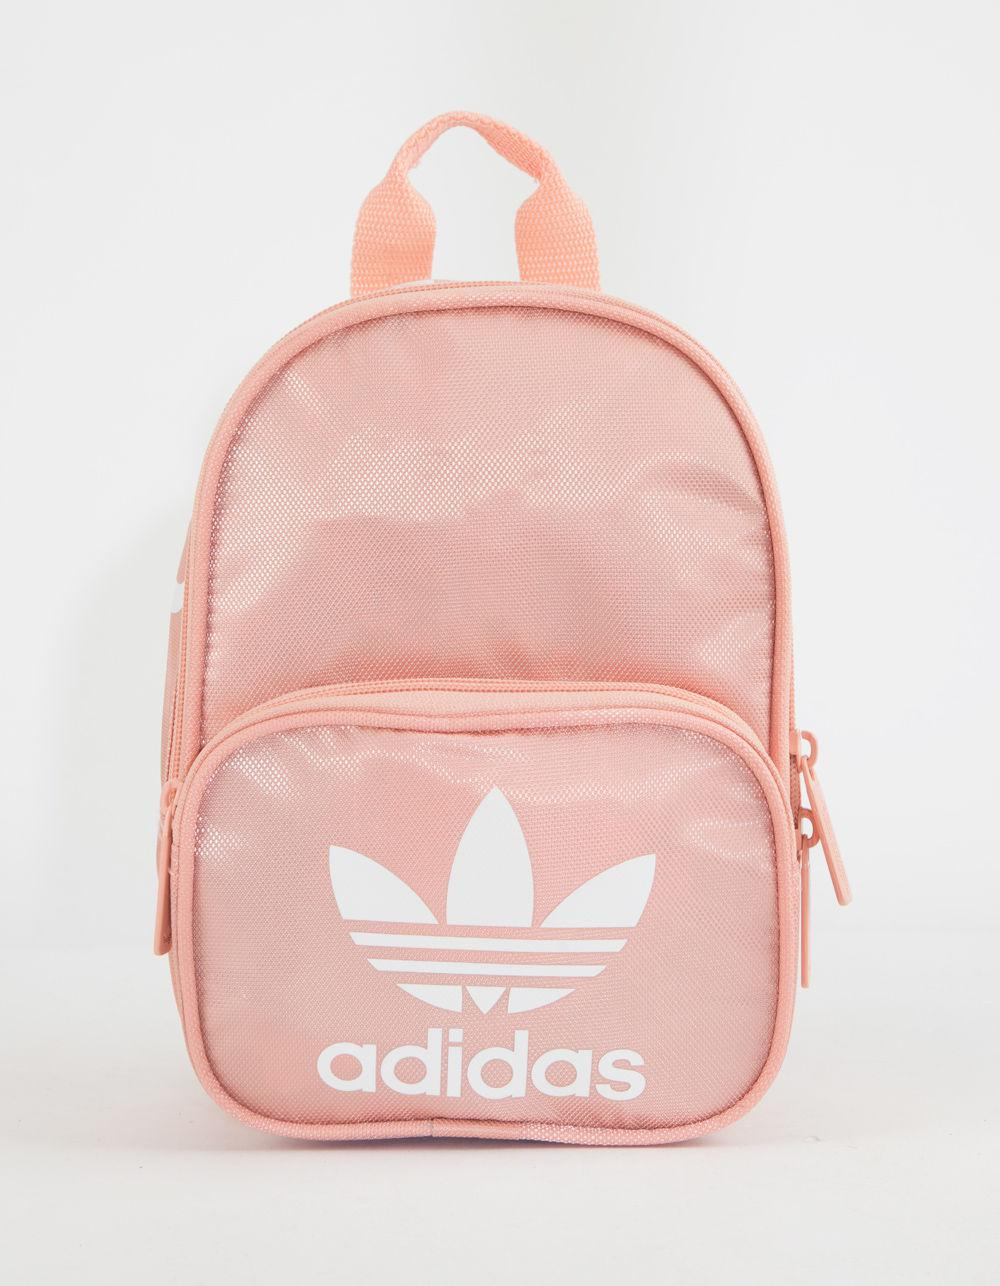 Adidas - Originals Santiago Pink Mini Backpack - Lyst. View fullscreen 4f935e92b0b43